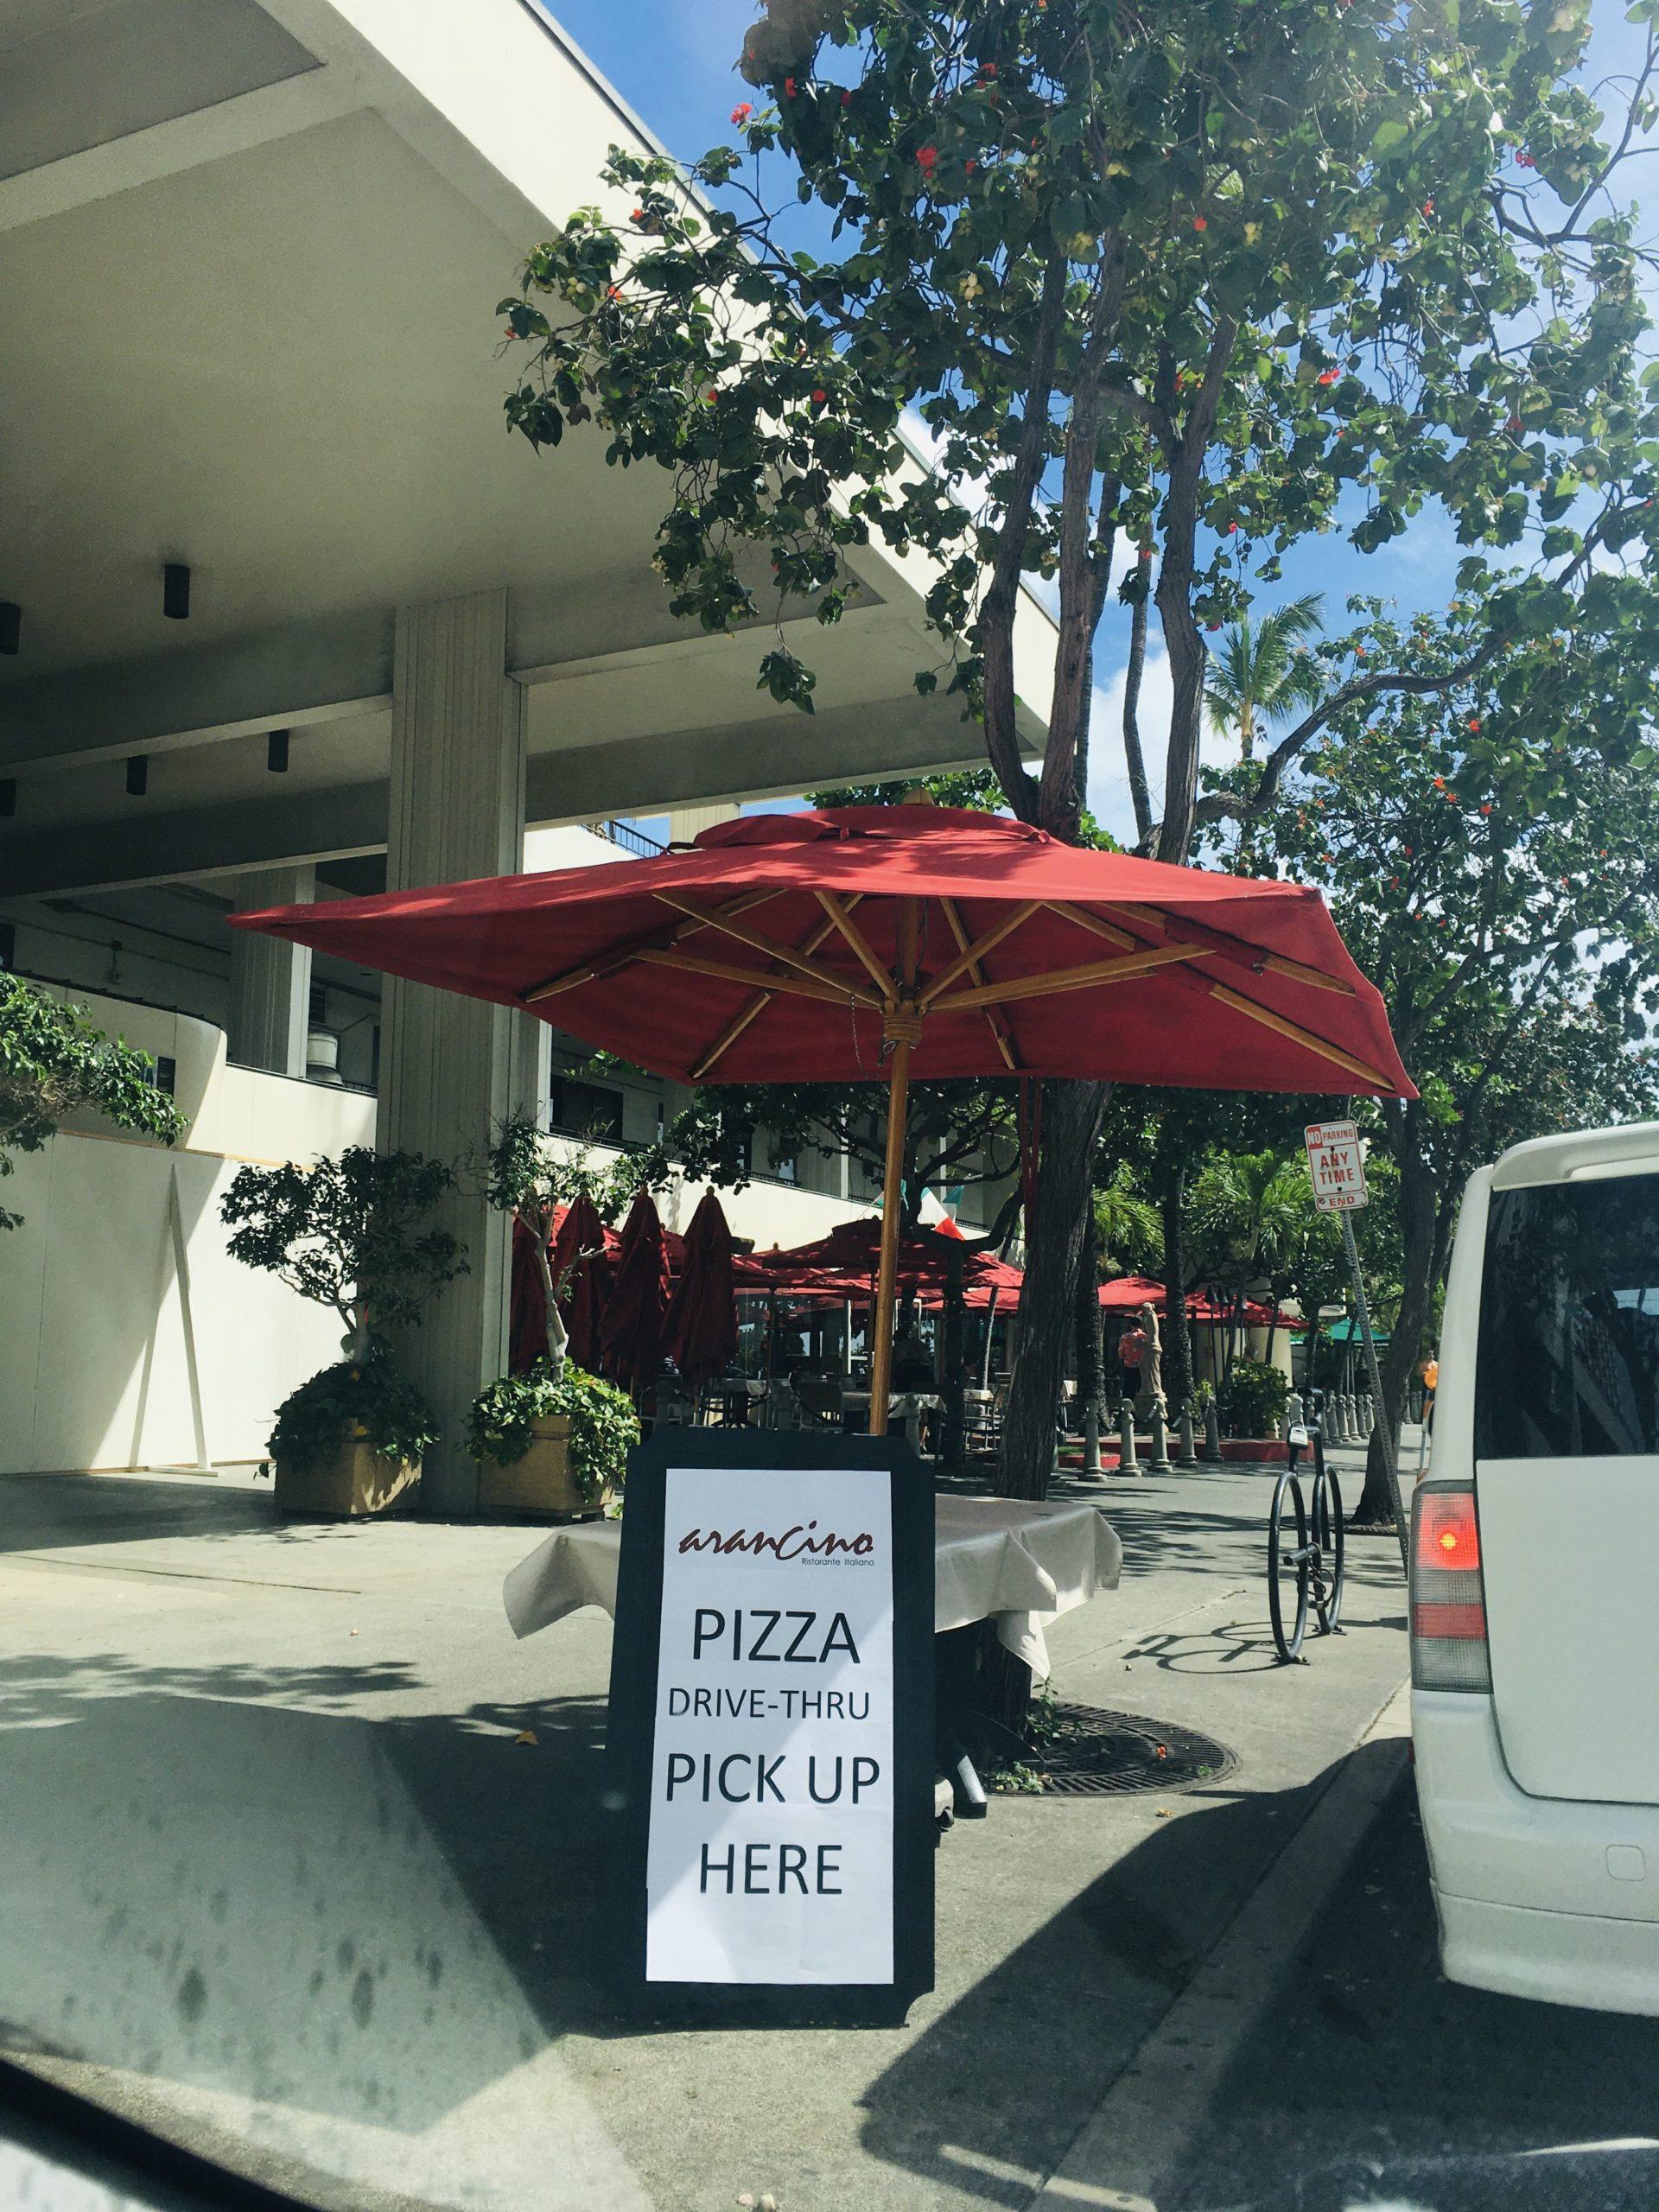 アランチーノ無料ピザ配布店の前